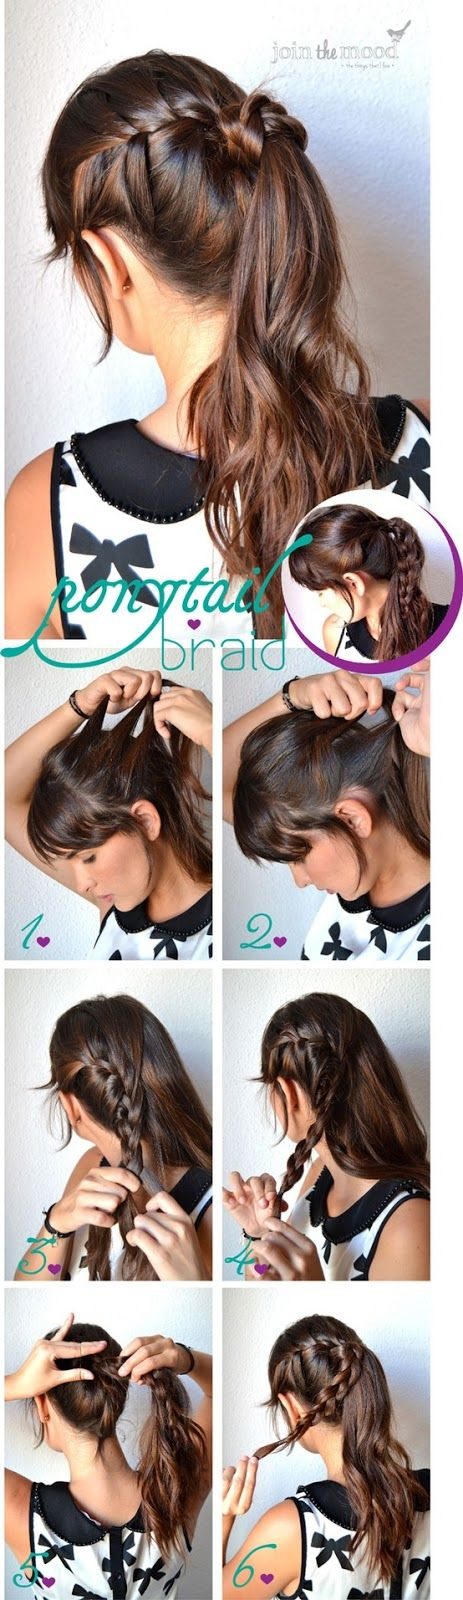 Un estilo que puedes llevar con cualquier outfit... #cabello https://www.facebook.com/ChulaTiendaCreativa?fref=photo